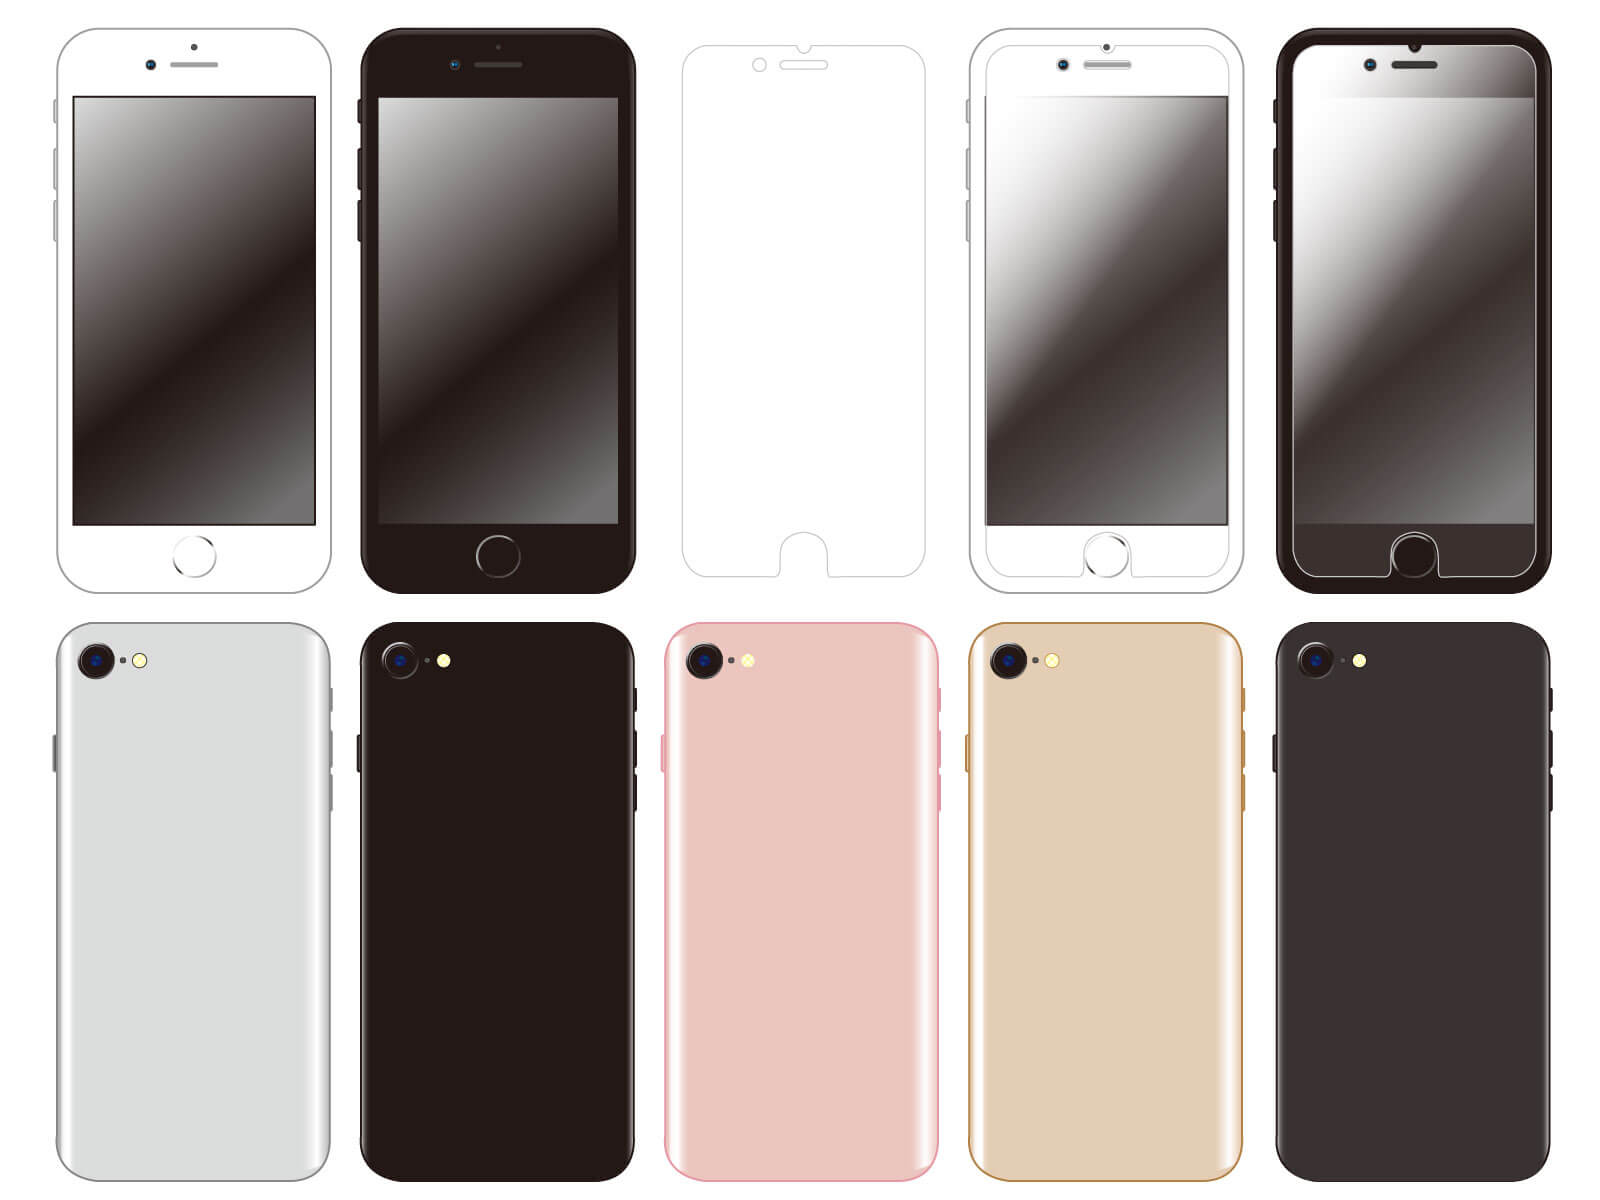 【2021年最新版】iPhone各世代の特徴や価格を徹底比較